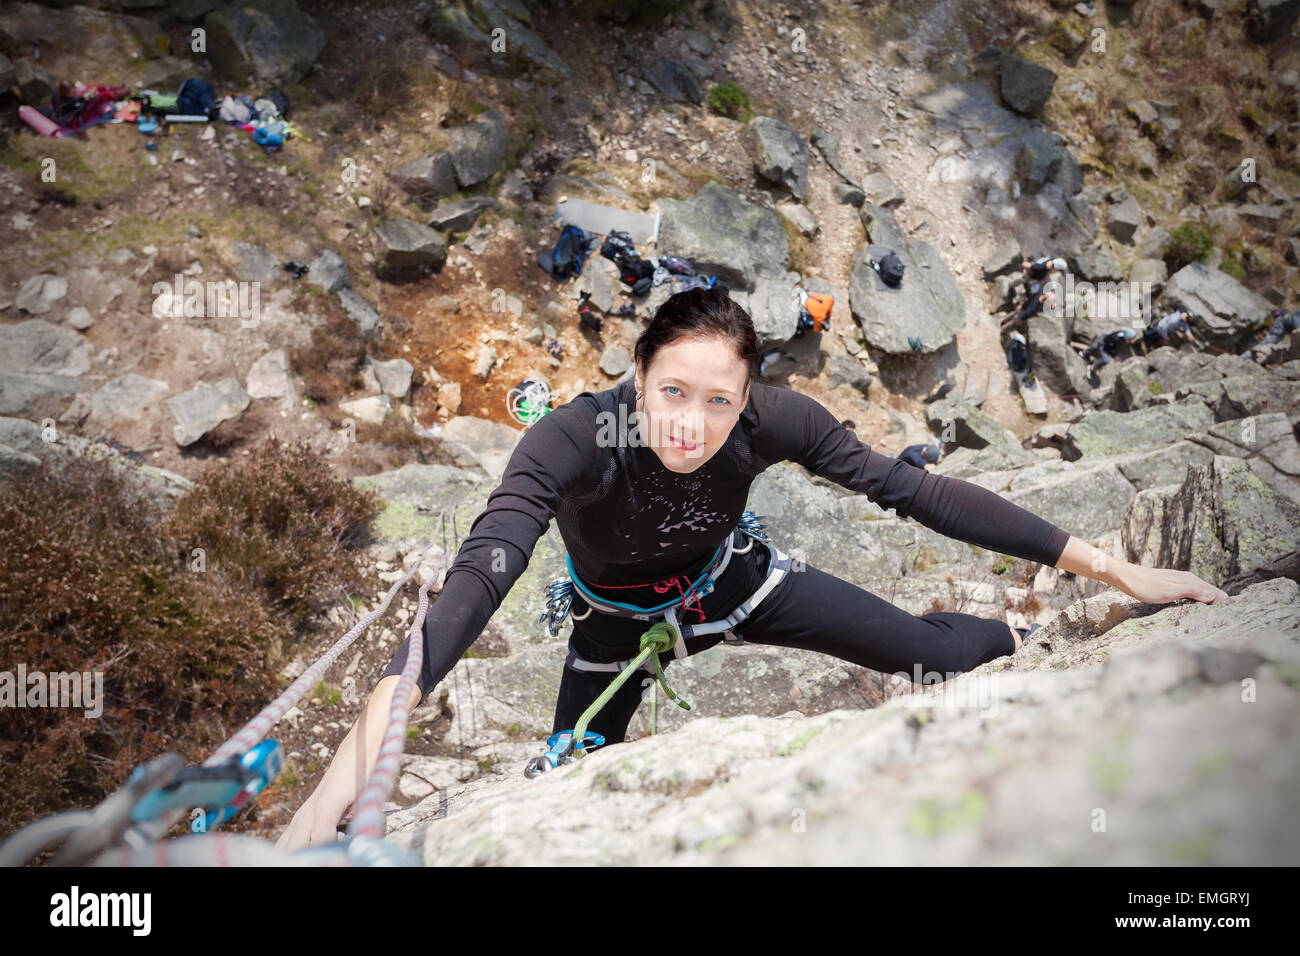 Joven, pared de escalada, mujer activa el concepto de imagen. Imagen De Stock